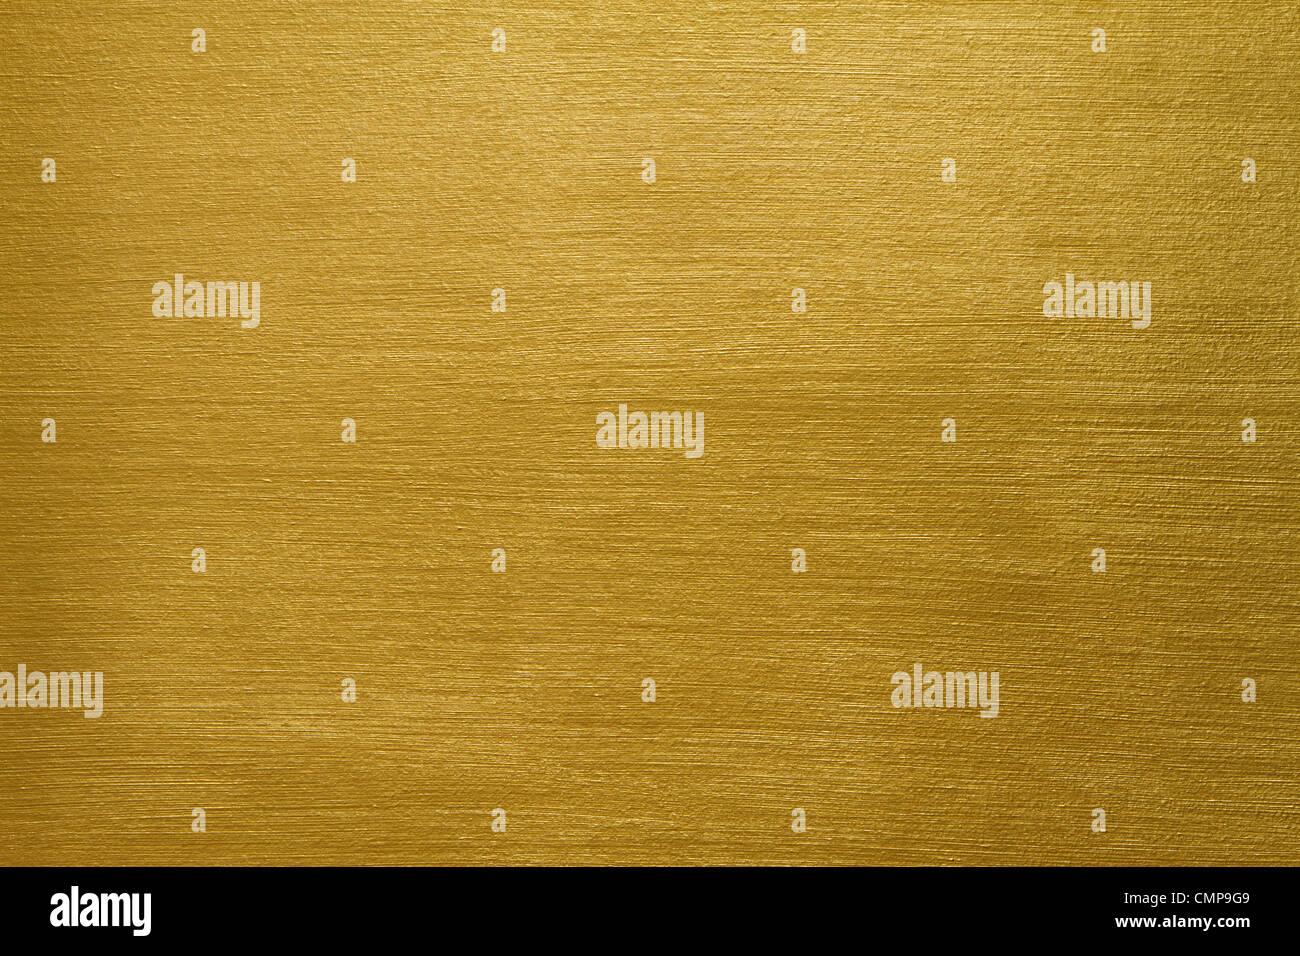 La textura de un muro de cemento cubierto con pintura de oro con pinceladas largas Imagen De Stock